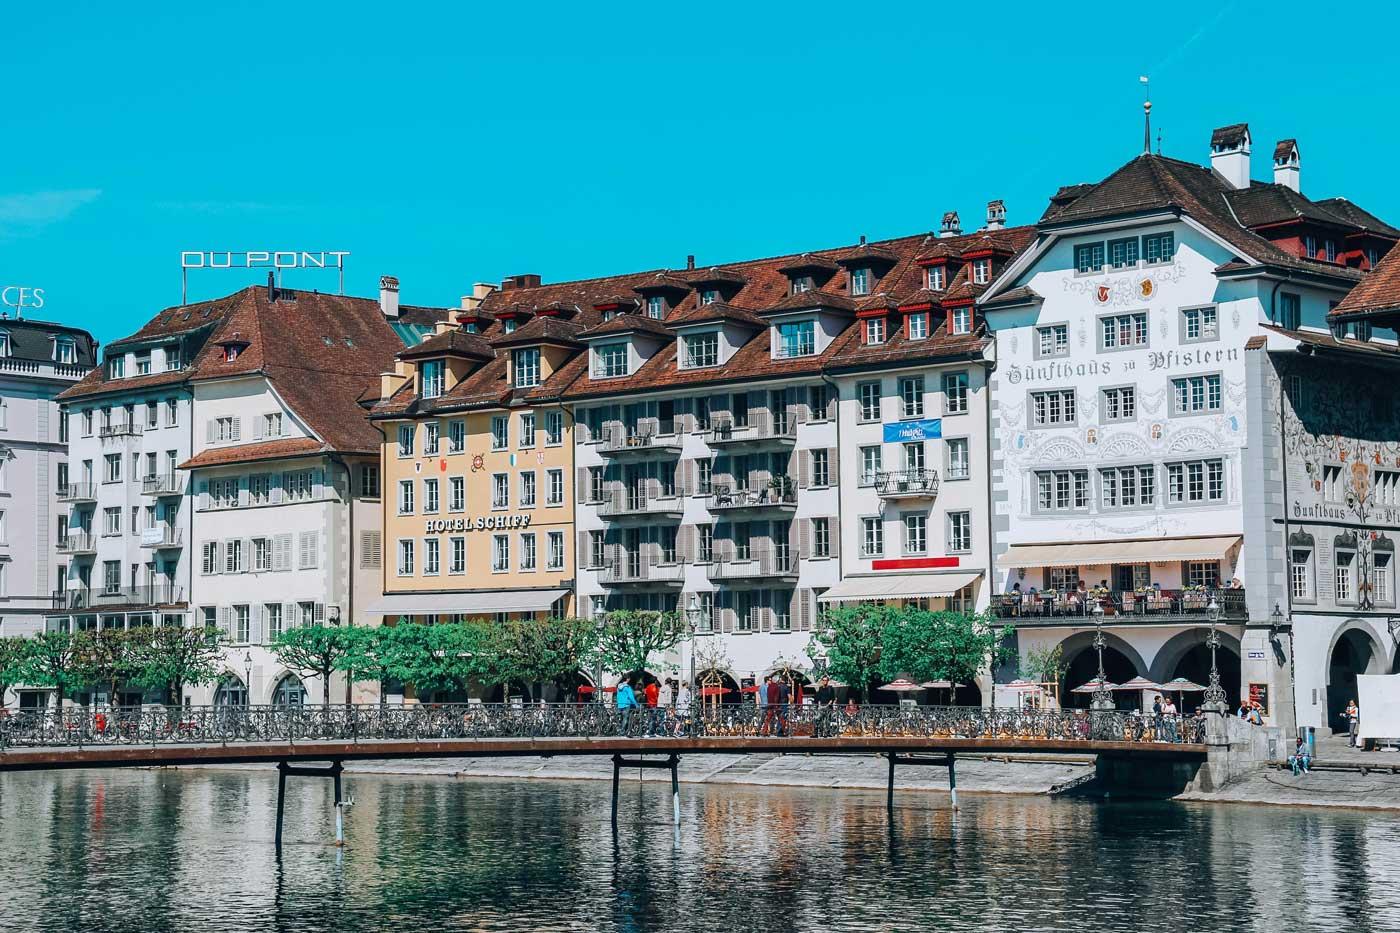 Switzerland là nước nào? top 10 điểm nên ghé qua nếu tới Switzerland